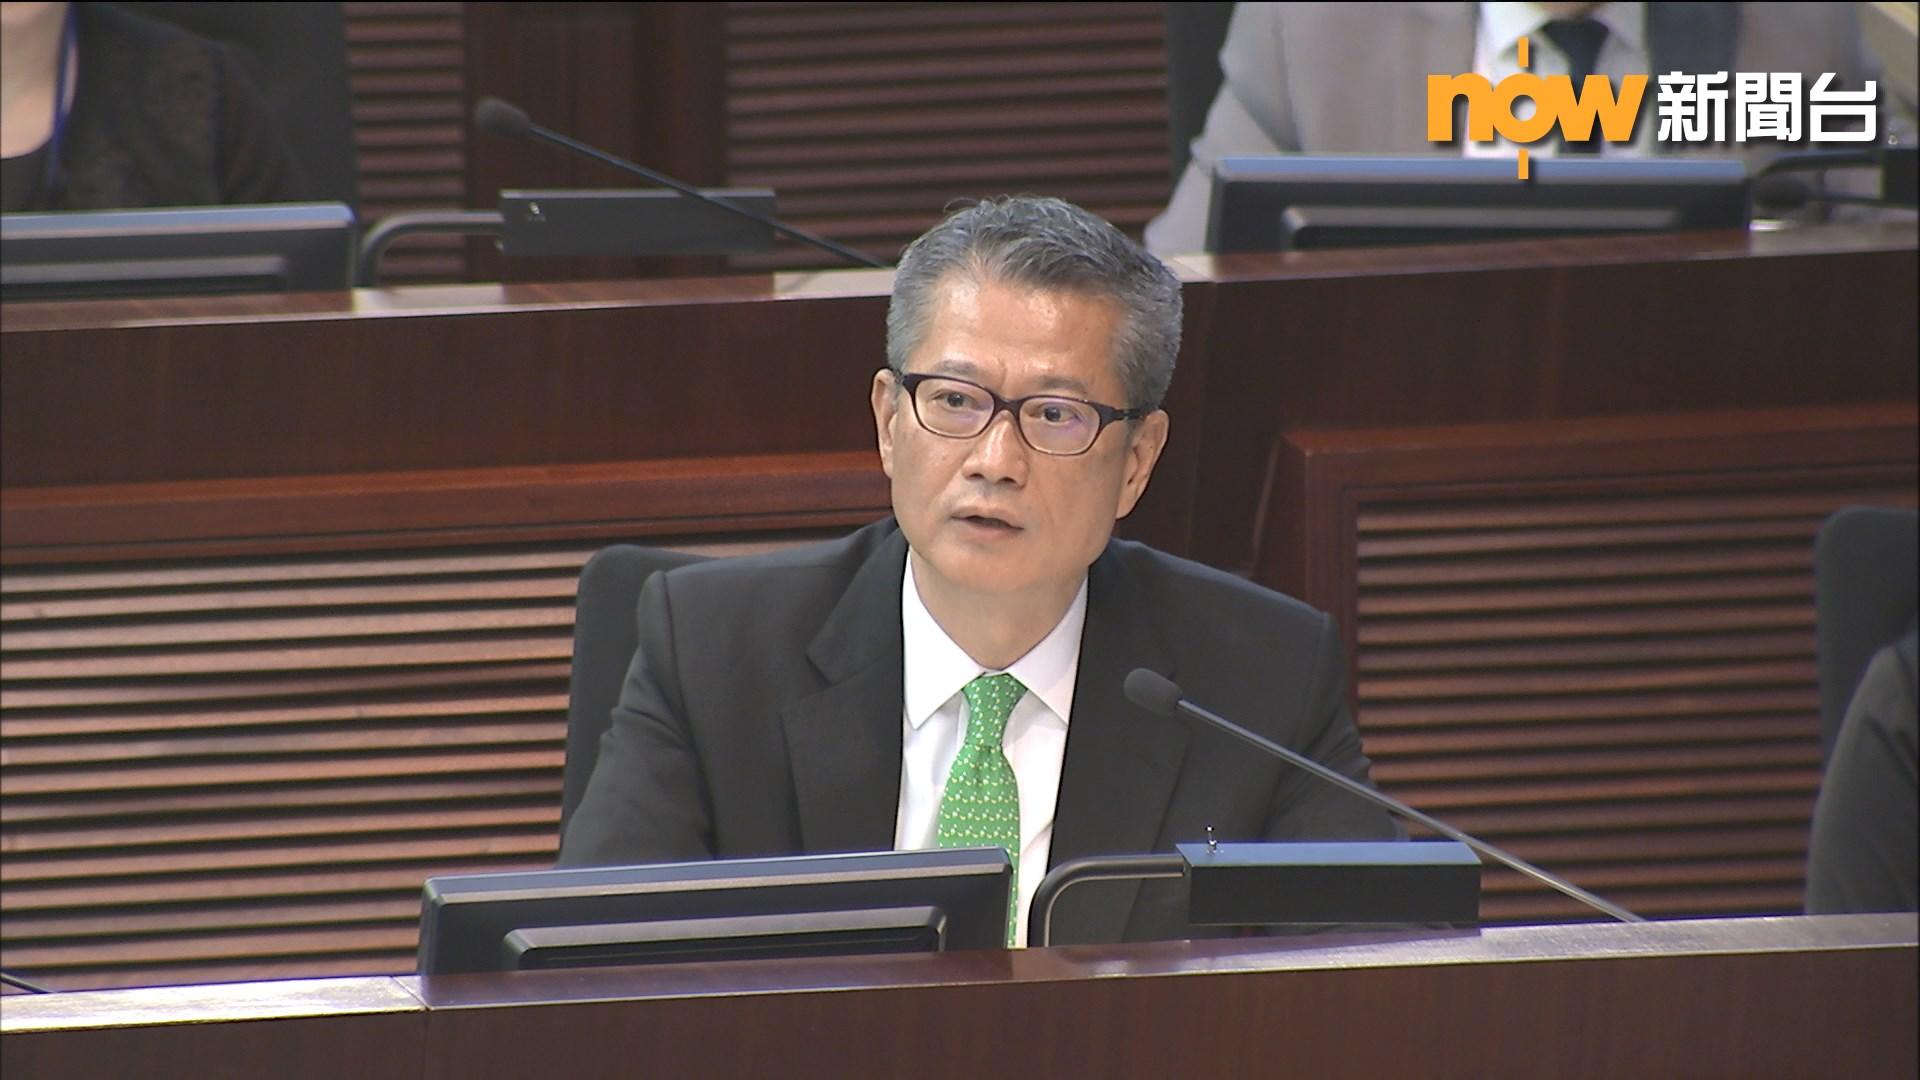 有議員倡派錢 陳茂波:不會再推同類措施